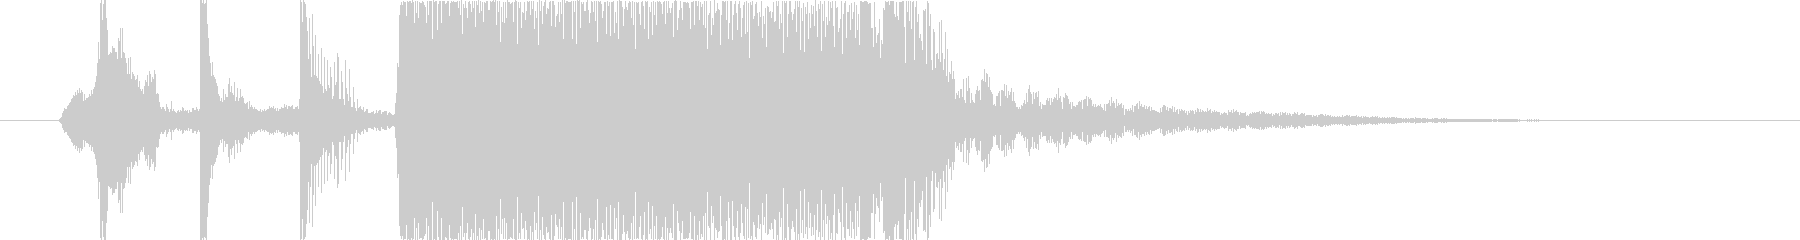 ロックカウントダウン1・2・3TypeCの未再生の波形